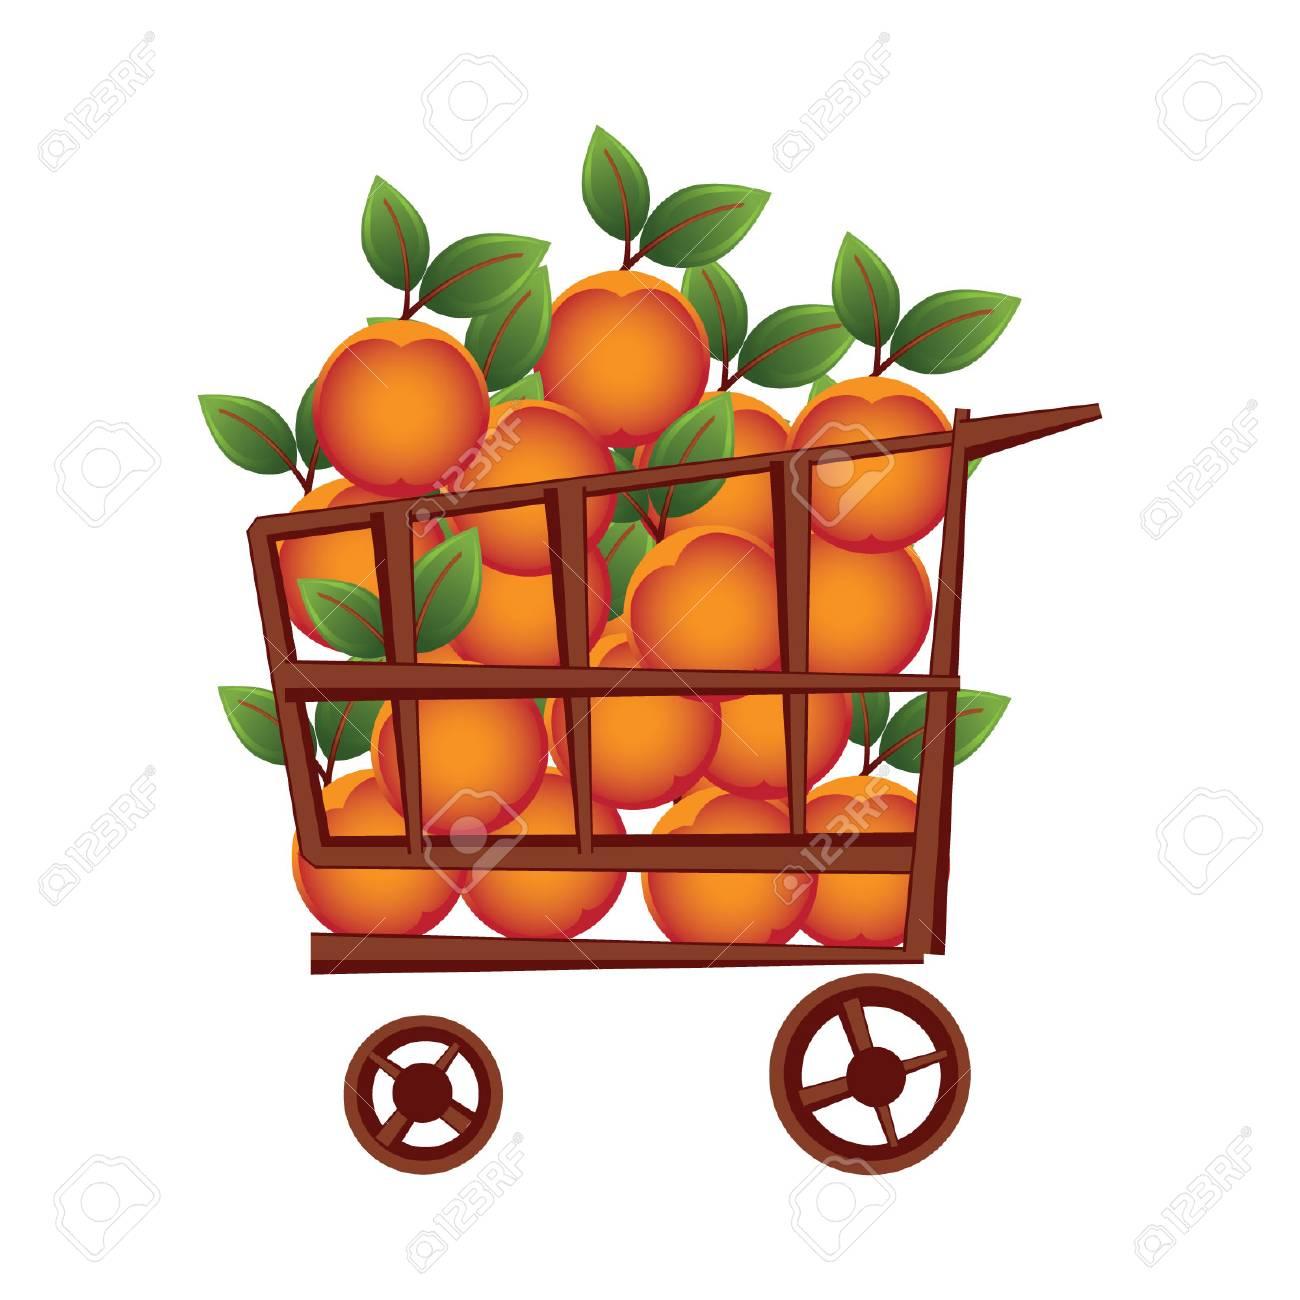 Shopping basket Stock Vector - 3327297